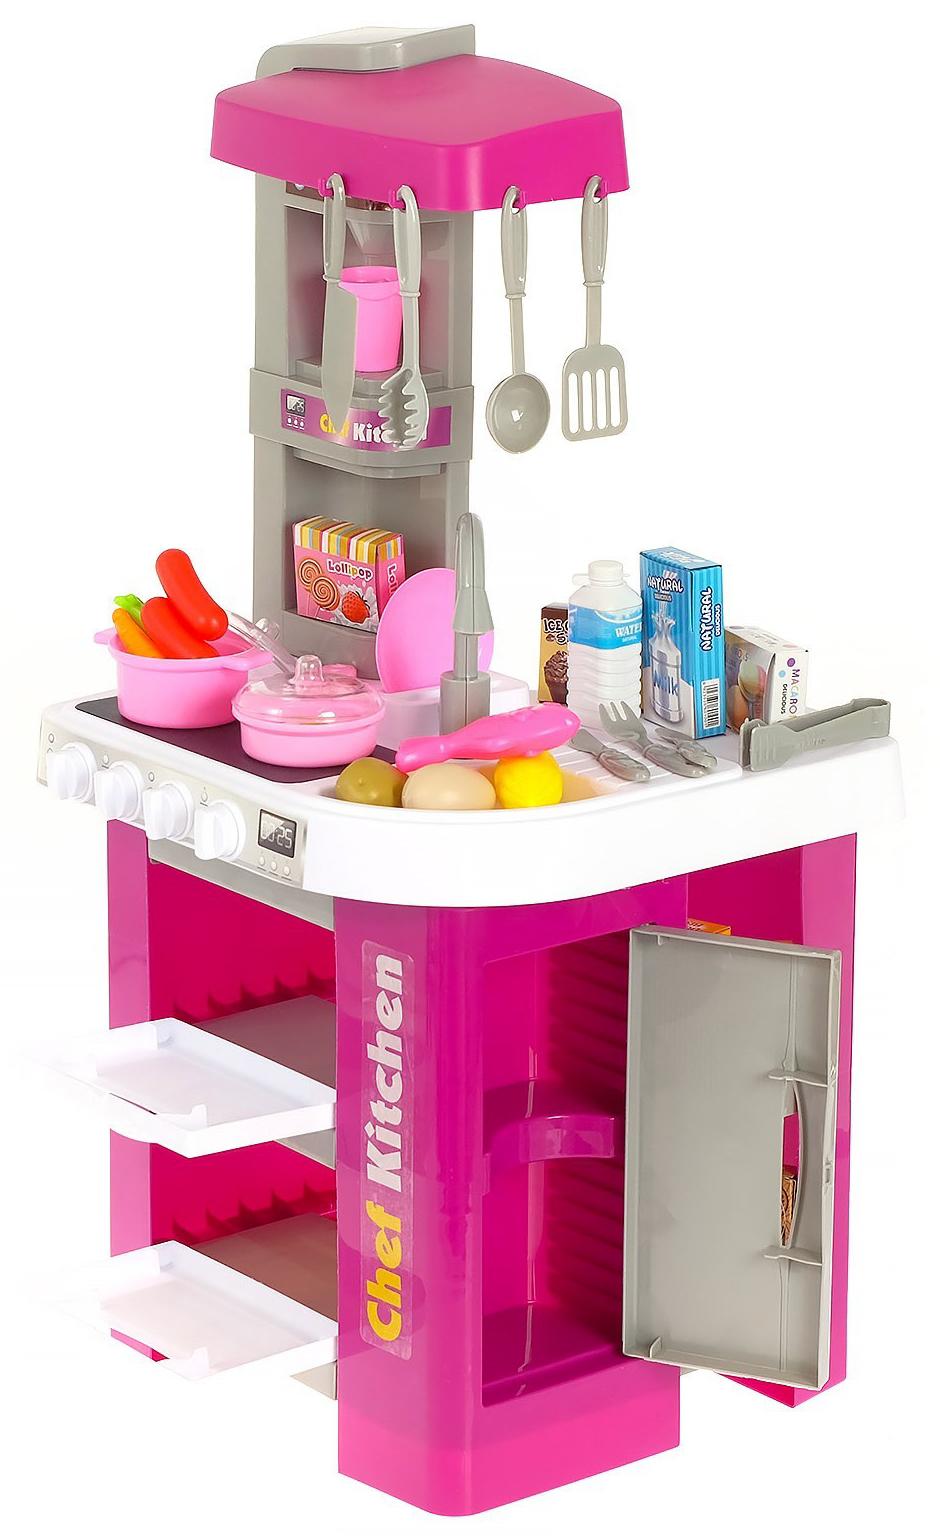 Детская игровая кухня с водой «Юный повар», 53 аксессуара, высота 73 см. 922-47 / Kitchen Chef